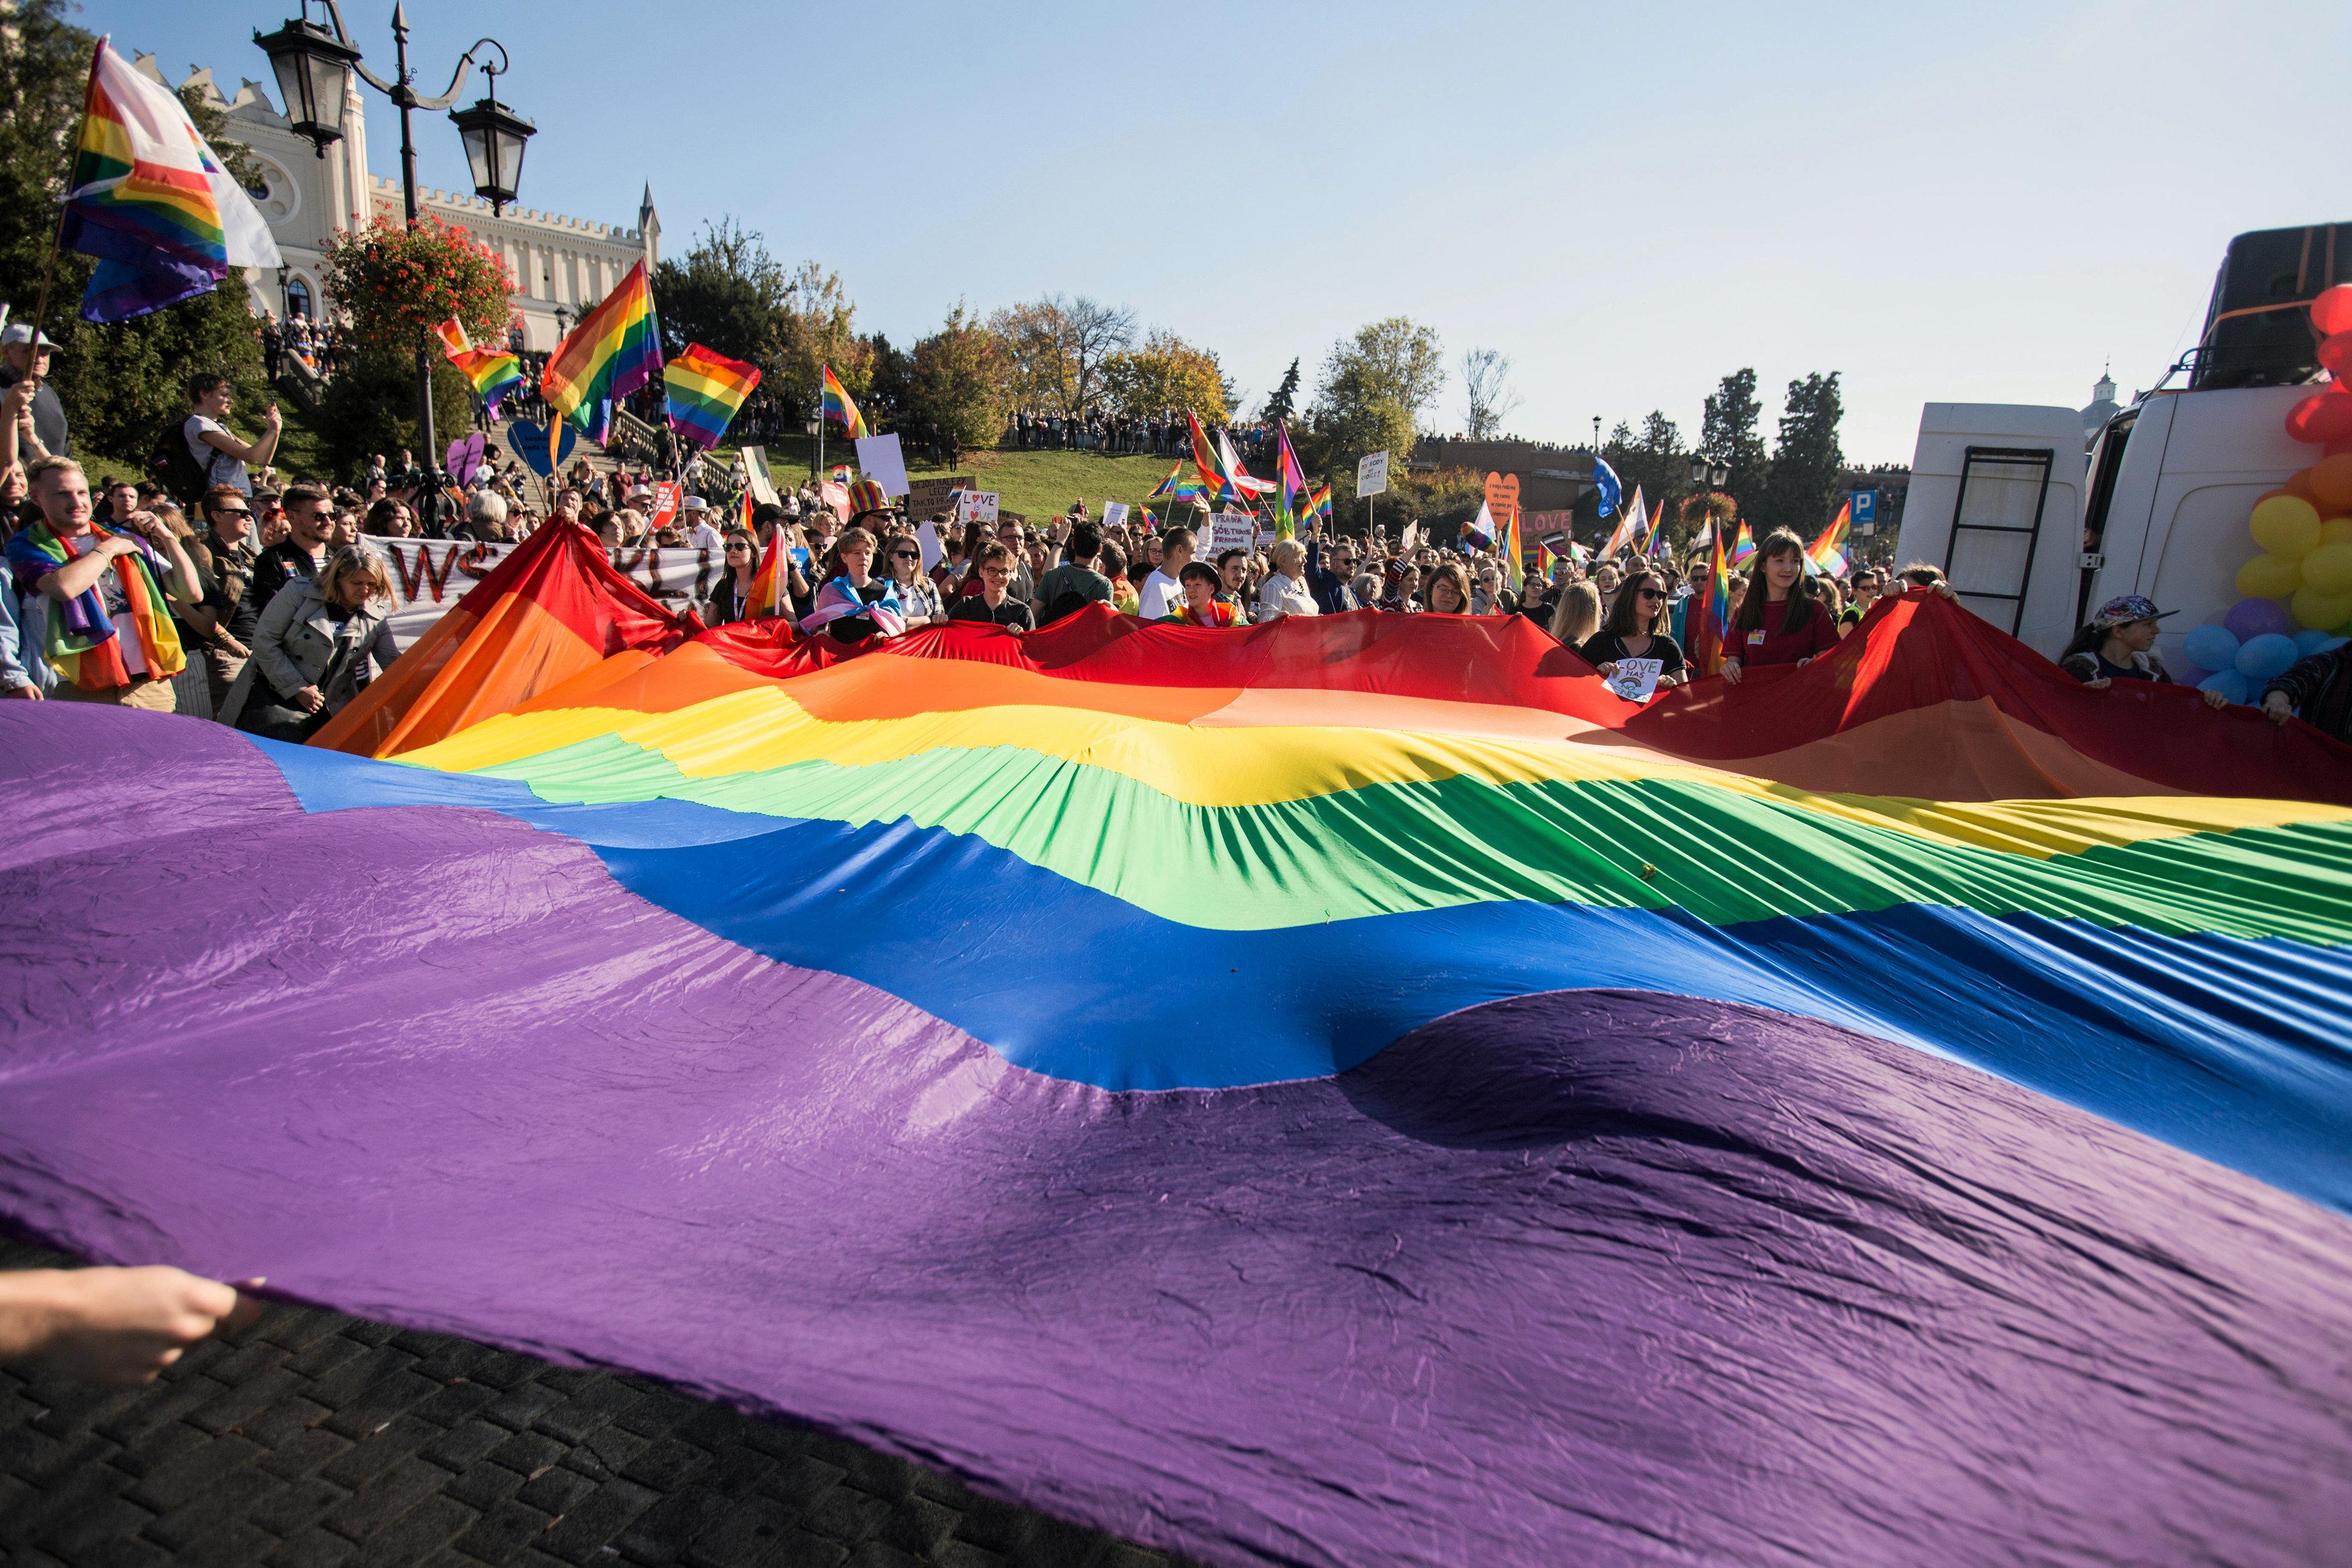 مسيرة المساواة فى بولندا